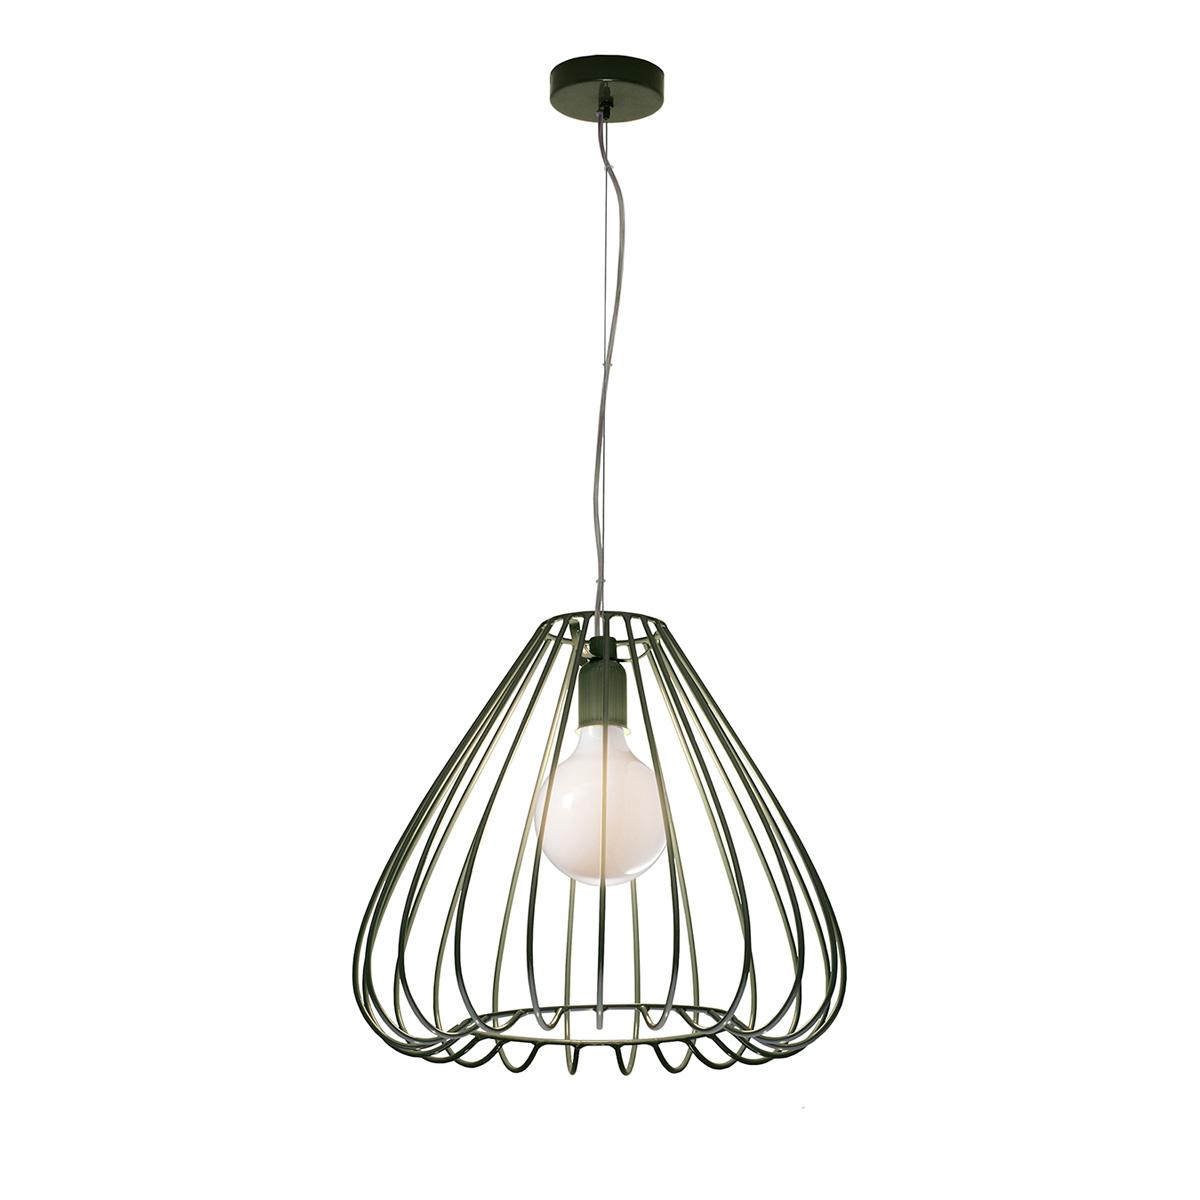 Μοντέρνο φωτιστικό κλουβί CELLI modern lighting cage